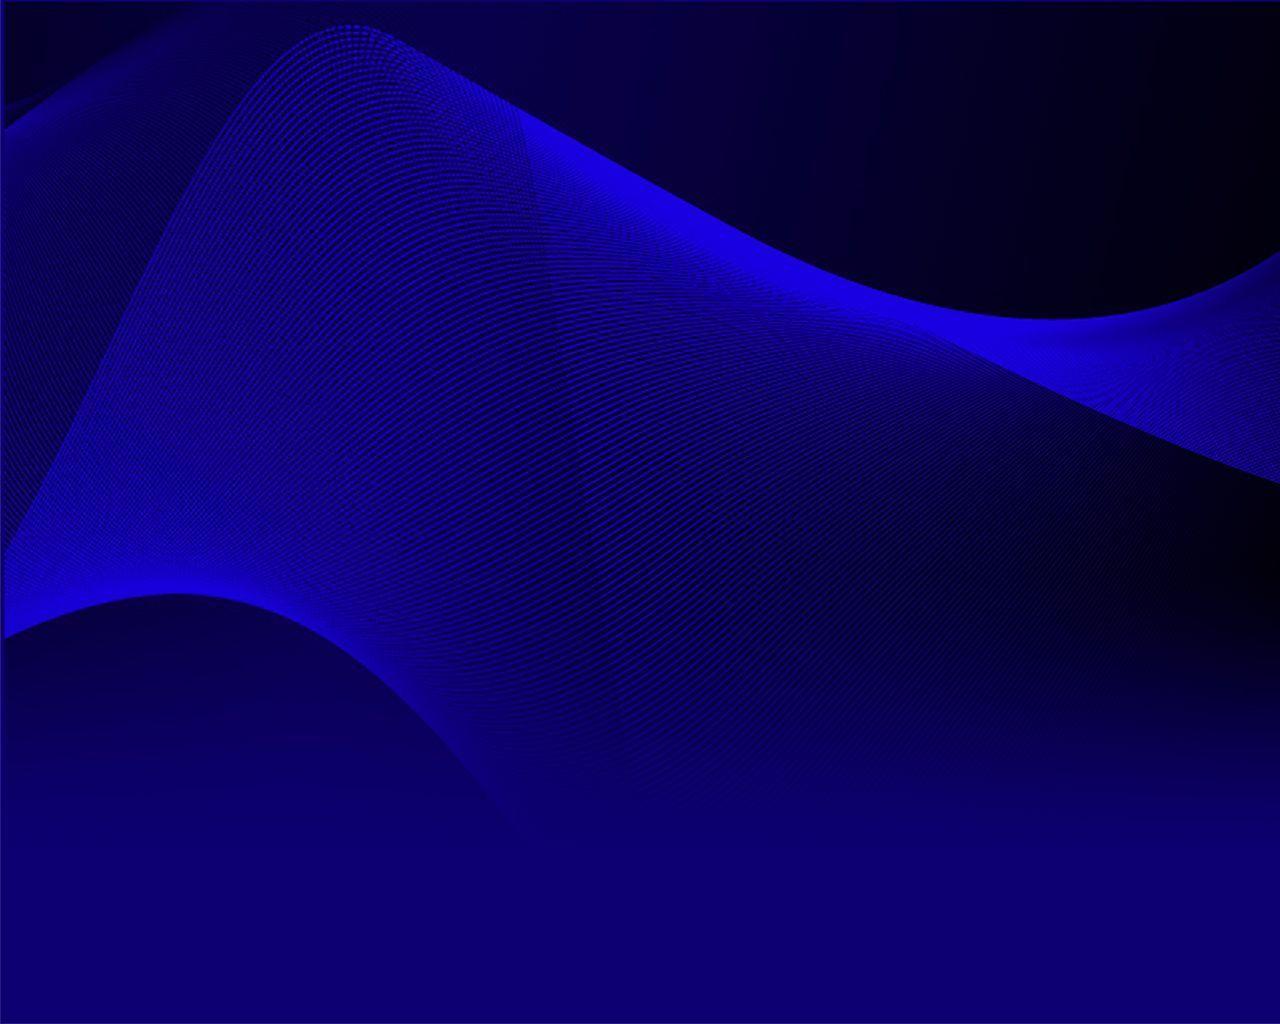 Royal Blue Abstract Wallpapers - Top Free Royal Blue Abstract Backgrounds -  WallpaperAccess